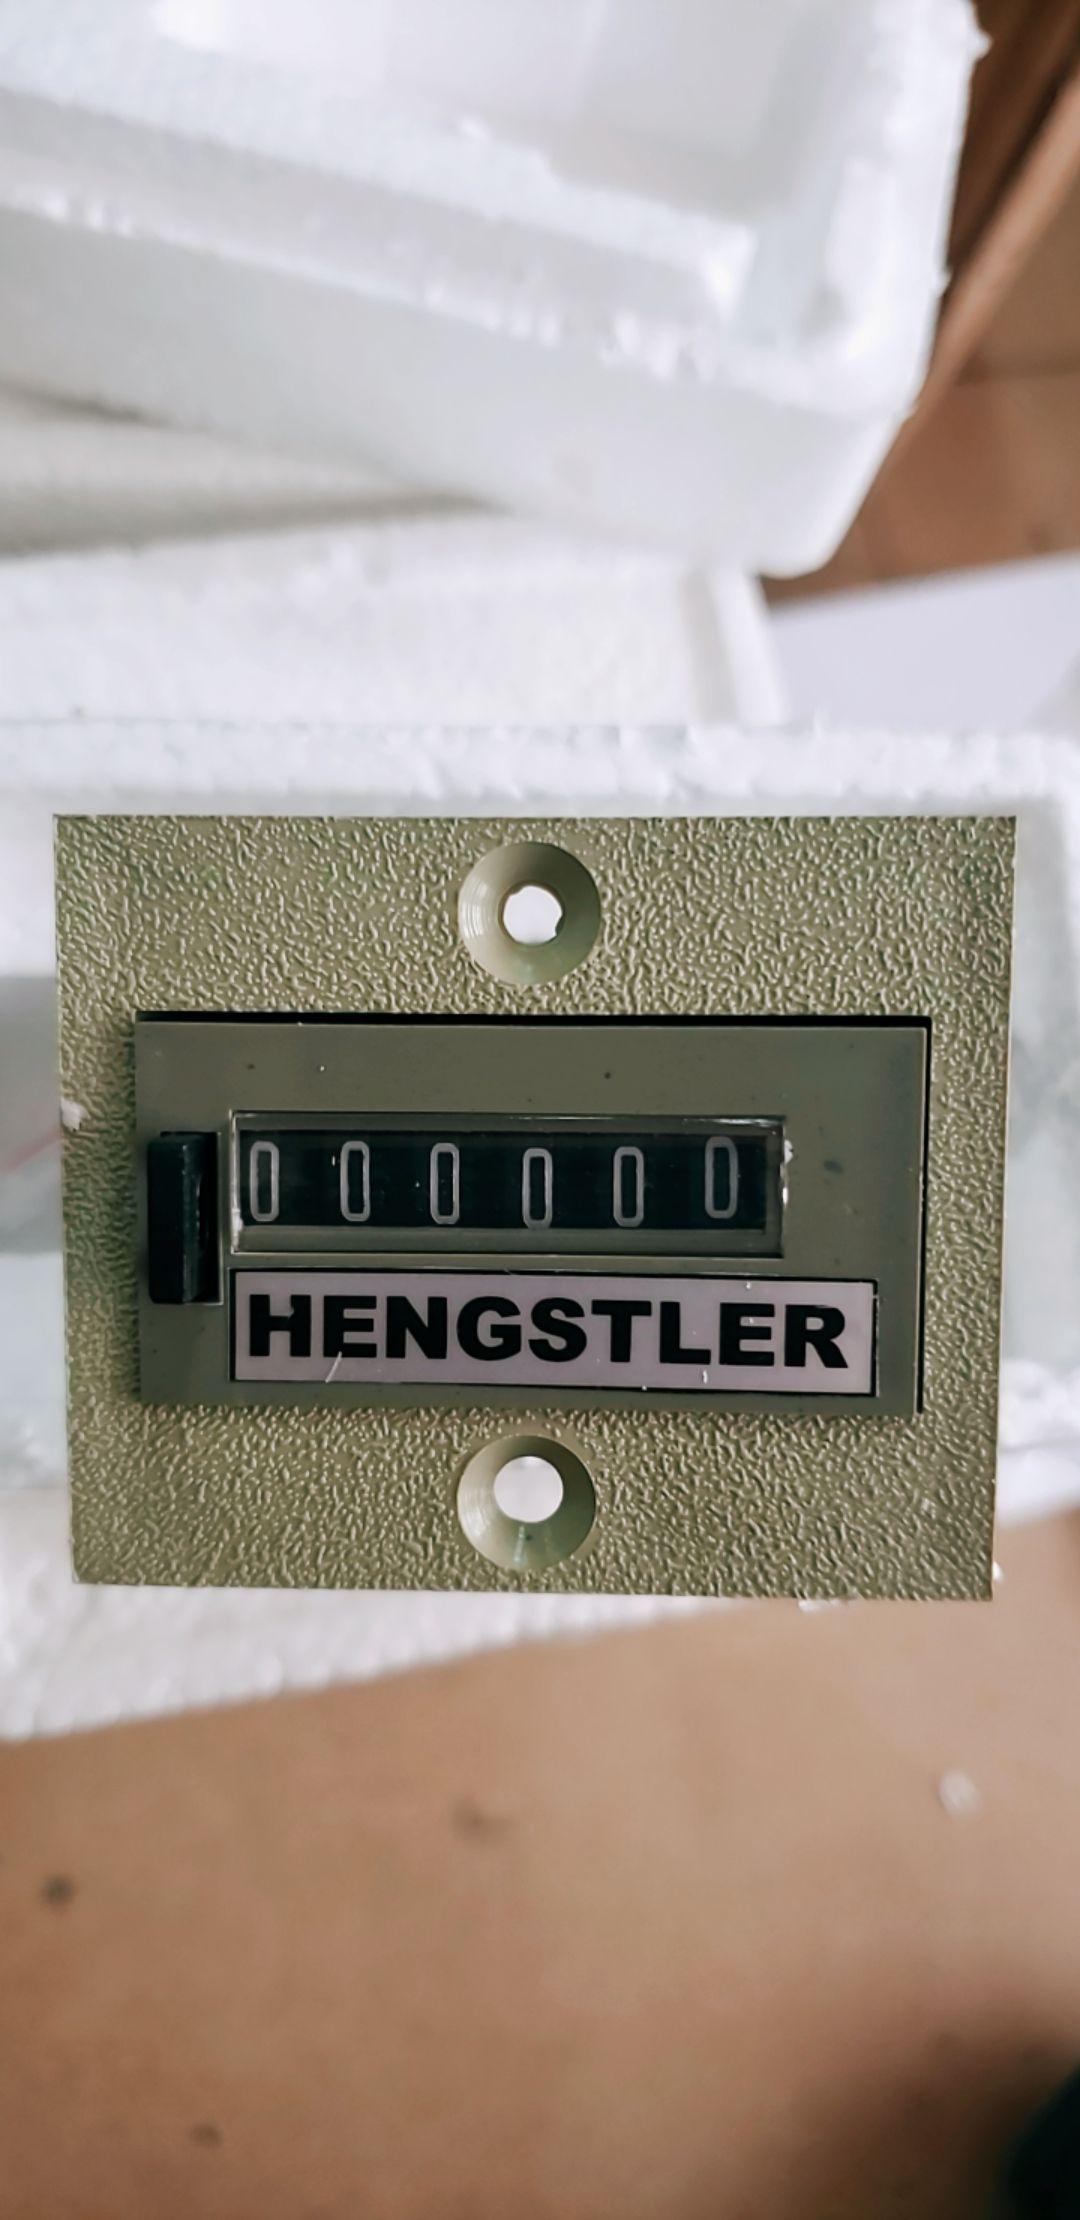 亭士樂海瑞克齒輪油顯示器銷售